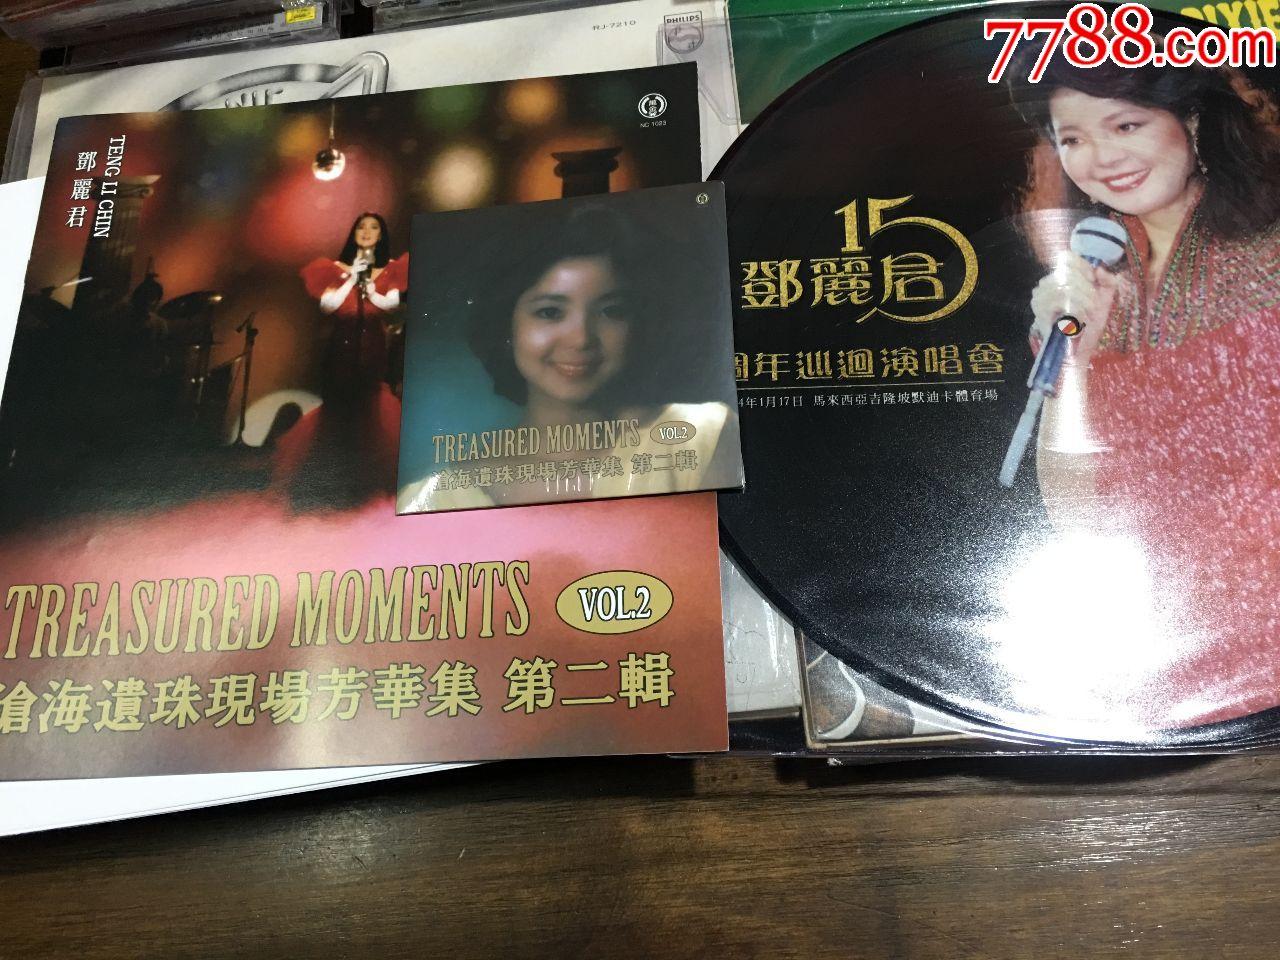 罕见德版邓丽君黑胶画盘+黄金CD+画册+海报,邓丽君黑胶唱片,限量500(au19635532)_